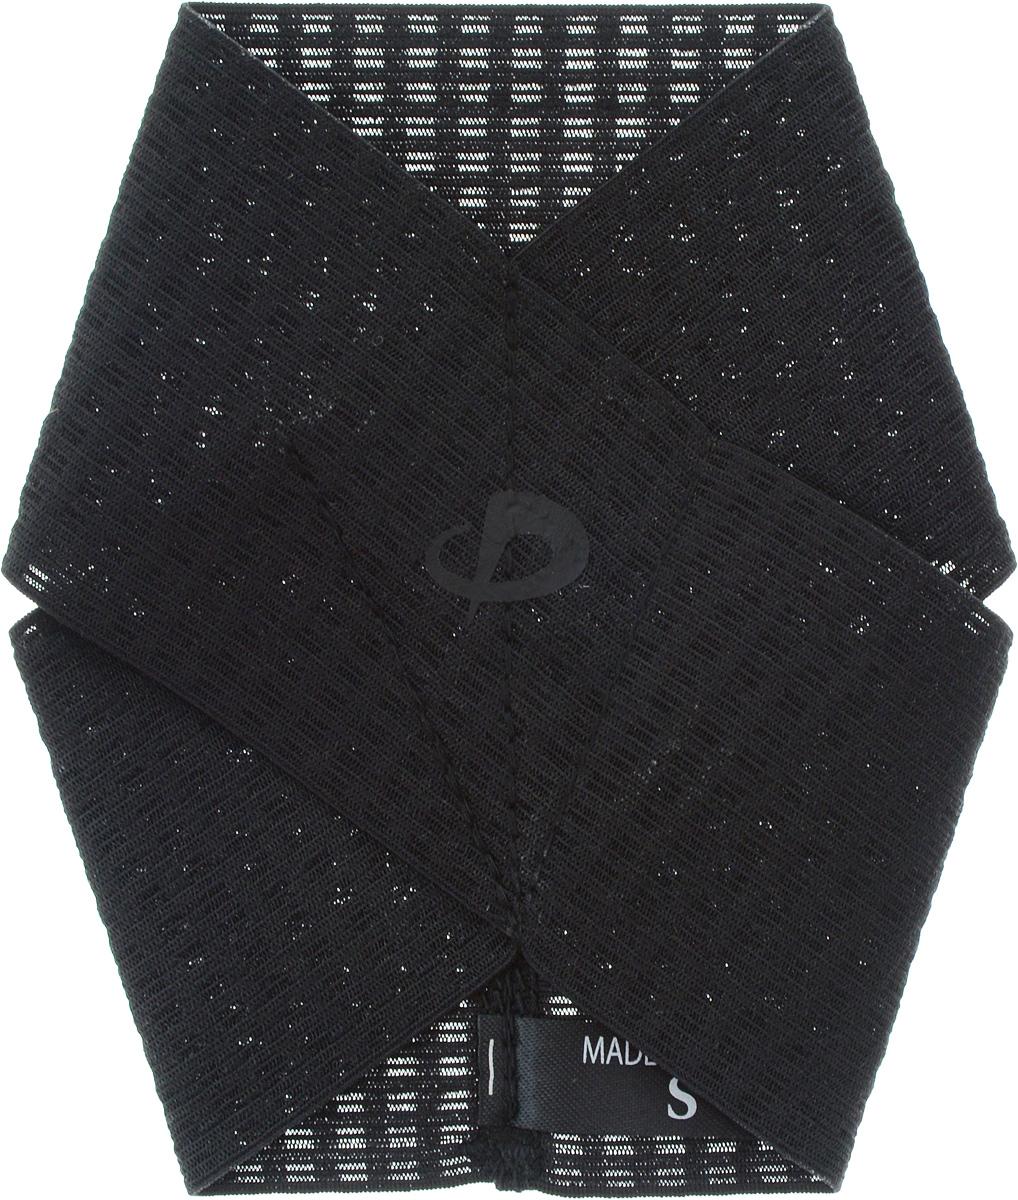 Суппорт голеностопа Phiten Ankle. Hard Type. Размер S (16-24 см)AP167003Суппорт голеностопа Phiten Ankle. Hard Type обеспечивает жесткую фиксацию и при этом не стесняет движения. Идеально подходит для ношения в течение всего дня при легких травмах и в период восстановления. Ультратонкий и весом всего 5 г, этот суппорт подойдет для ношения под любой обувью и будет совершенно незаметен. Он обладает прекрасной воздухонепроницаемостью и позволяет коже дышать. Суппорт назначается при нестабильности голеностопного сустава, растяжениях и разрывах связок, растяжении мышц, состоянии после вывихов и подвывихов. Обеспечивает компрессионный эффект, фиксацию голеностопного сустава и его стабилизацию, а также имеет противоотечный эффект. Снимает боль и напряжение, улучшает кровообращение, способствует скорейшему восстановлению за счет действия акватитана и аквапалладия.